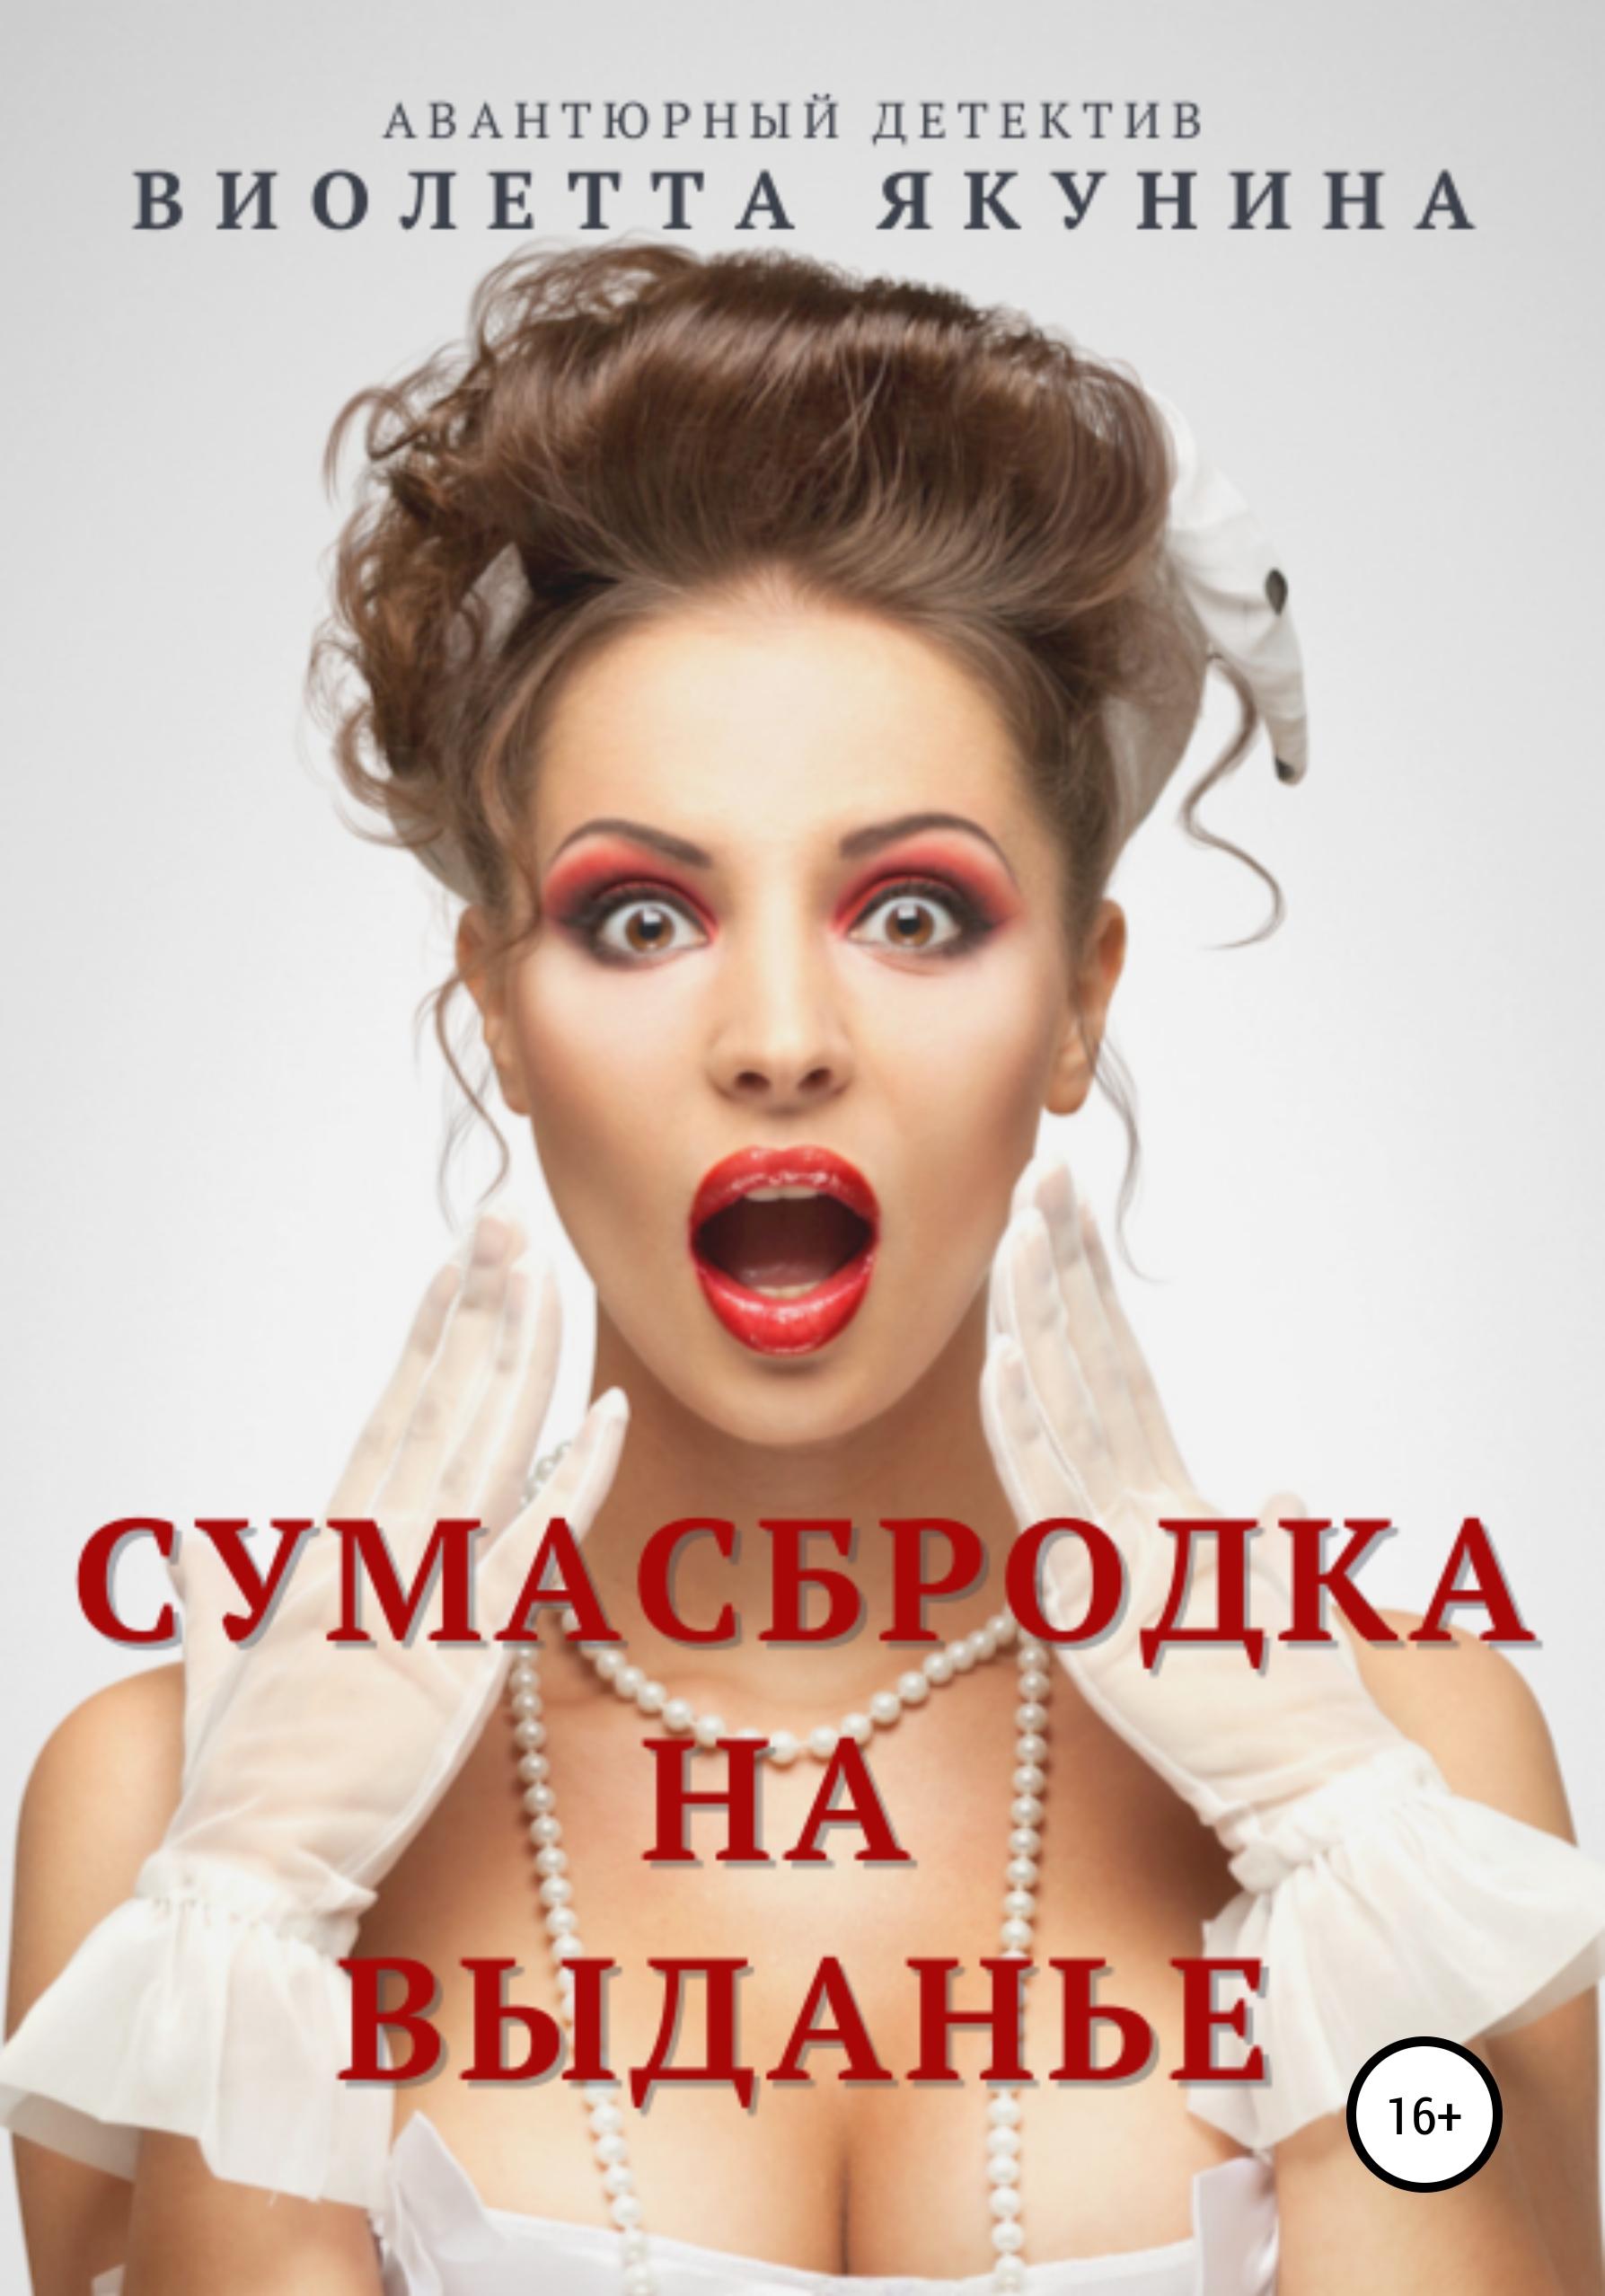 Купить книгу Сумасбродка на выданье, автора Виолетты Якуниной